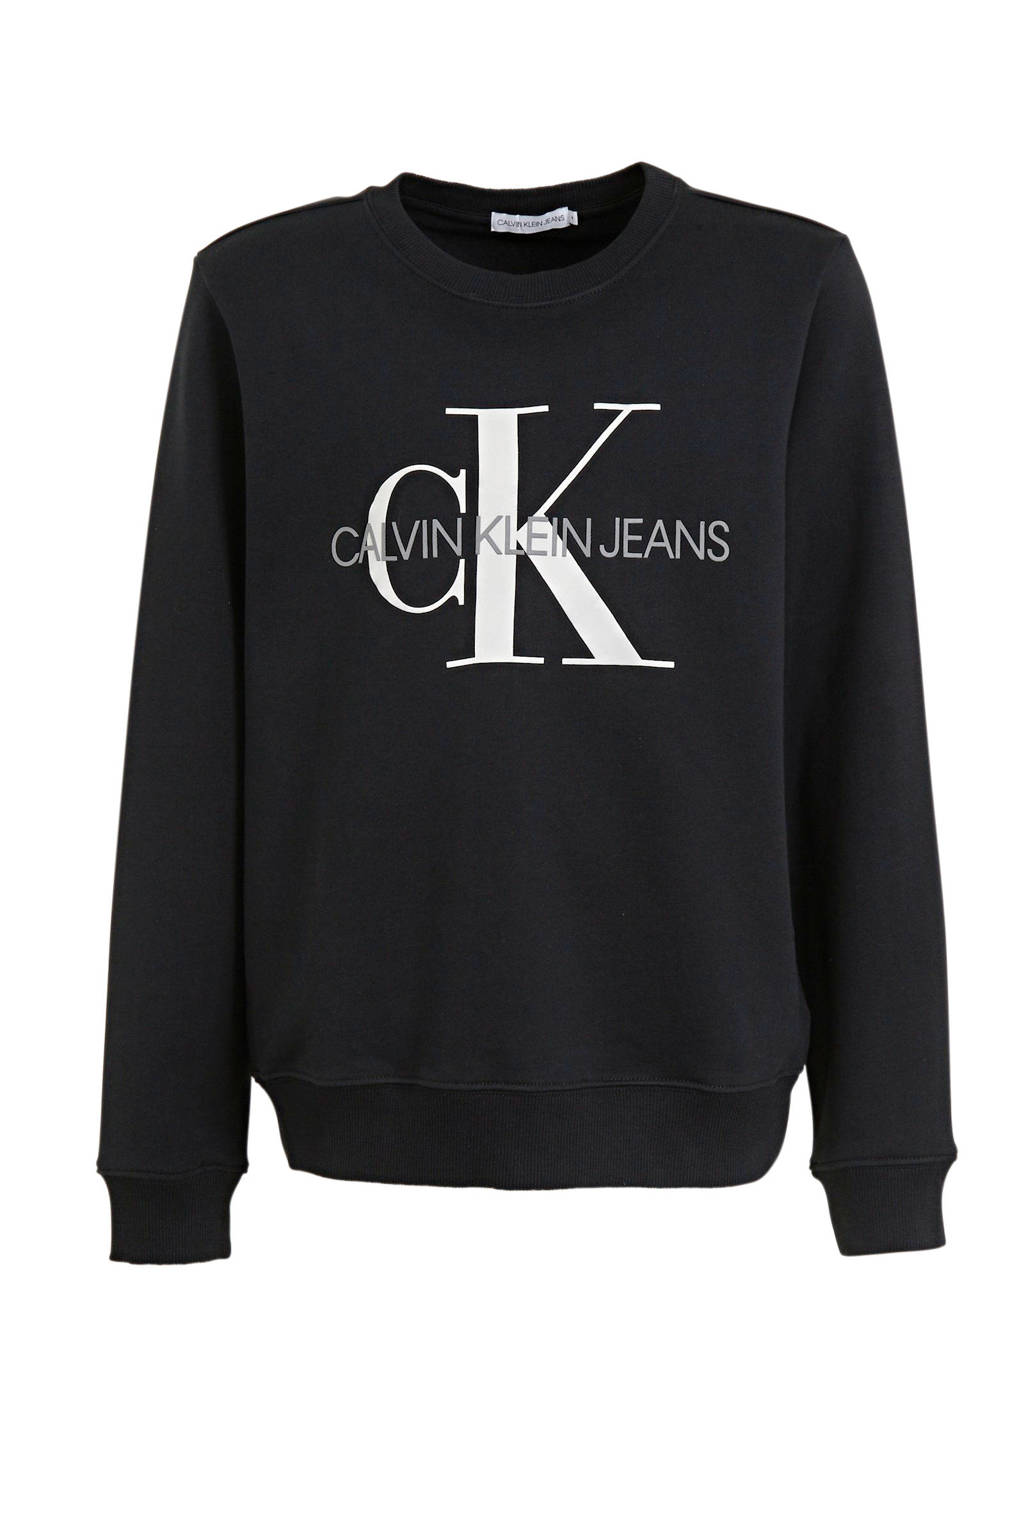 CALVIN KLEIN JEANS sweater van biologisch katoen zwart, Zwart